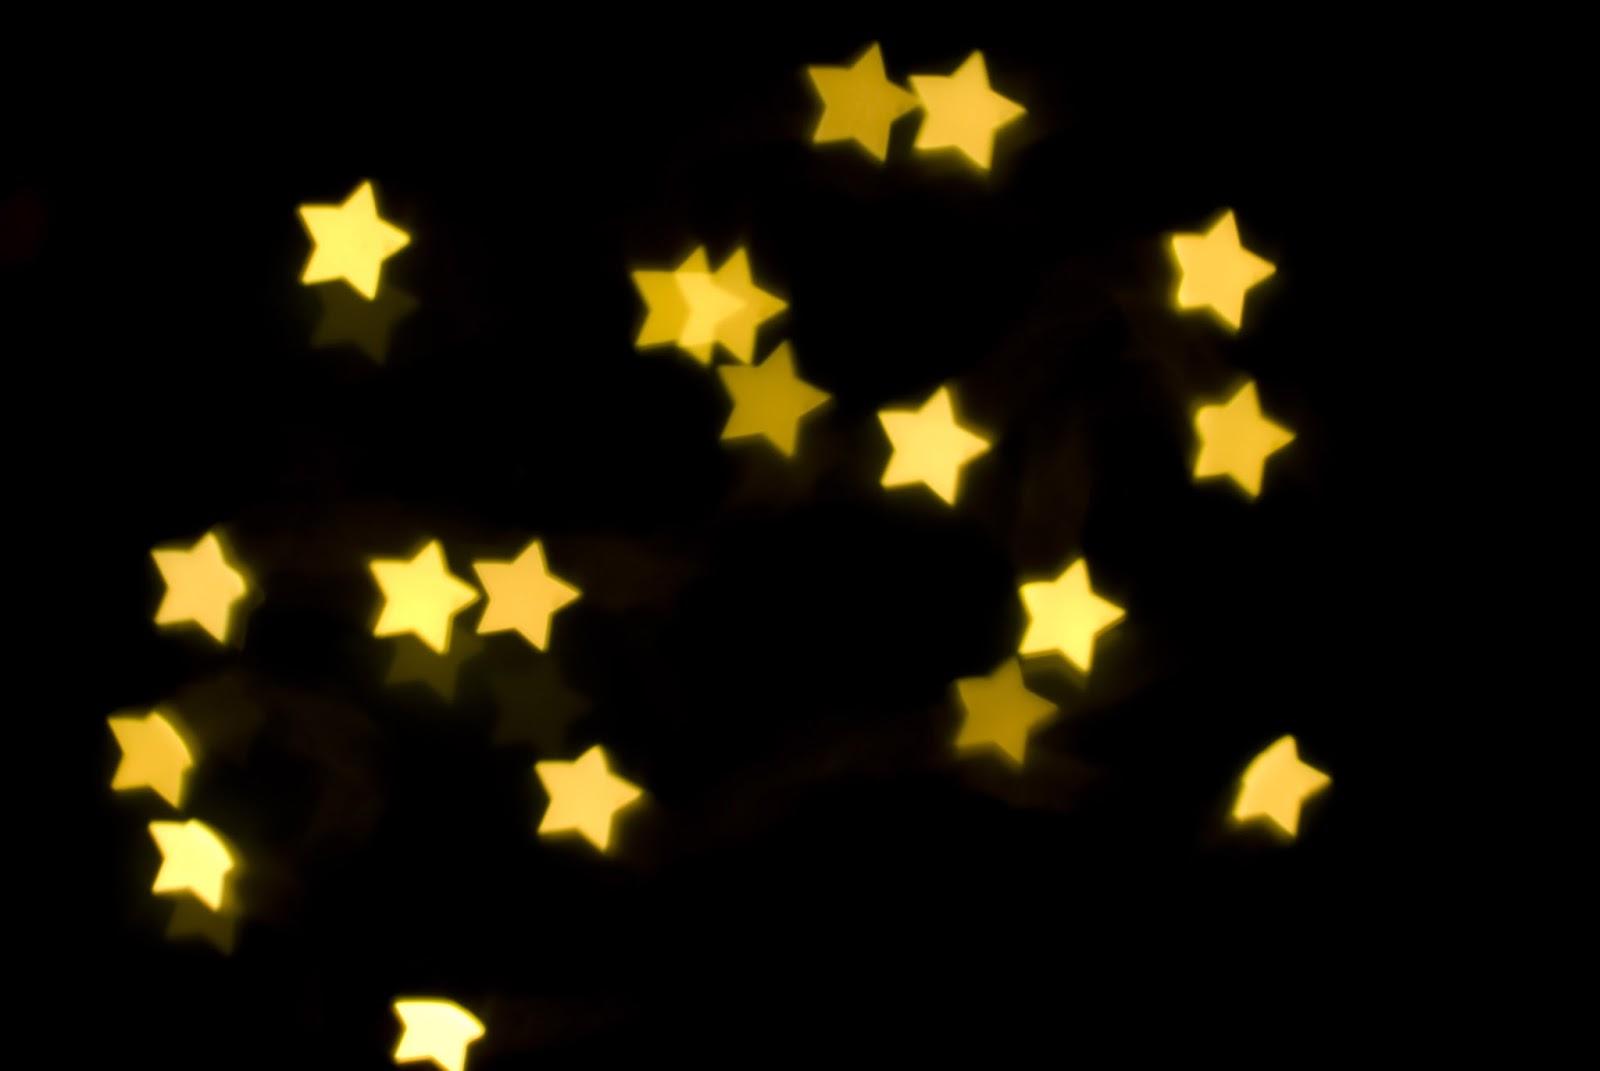 Star Wallpaper Cute Kawaii Gambar Foto Pemandangan Bintang Di Langit Yang Indah